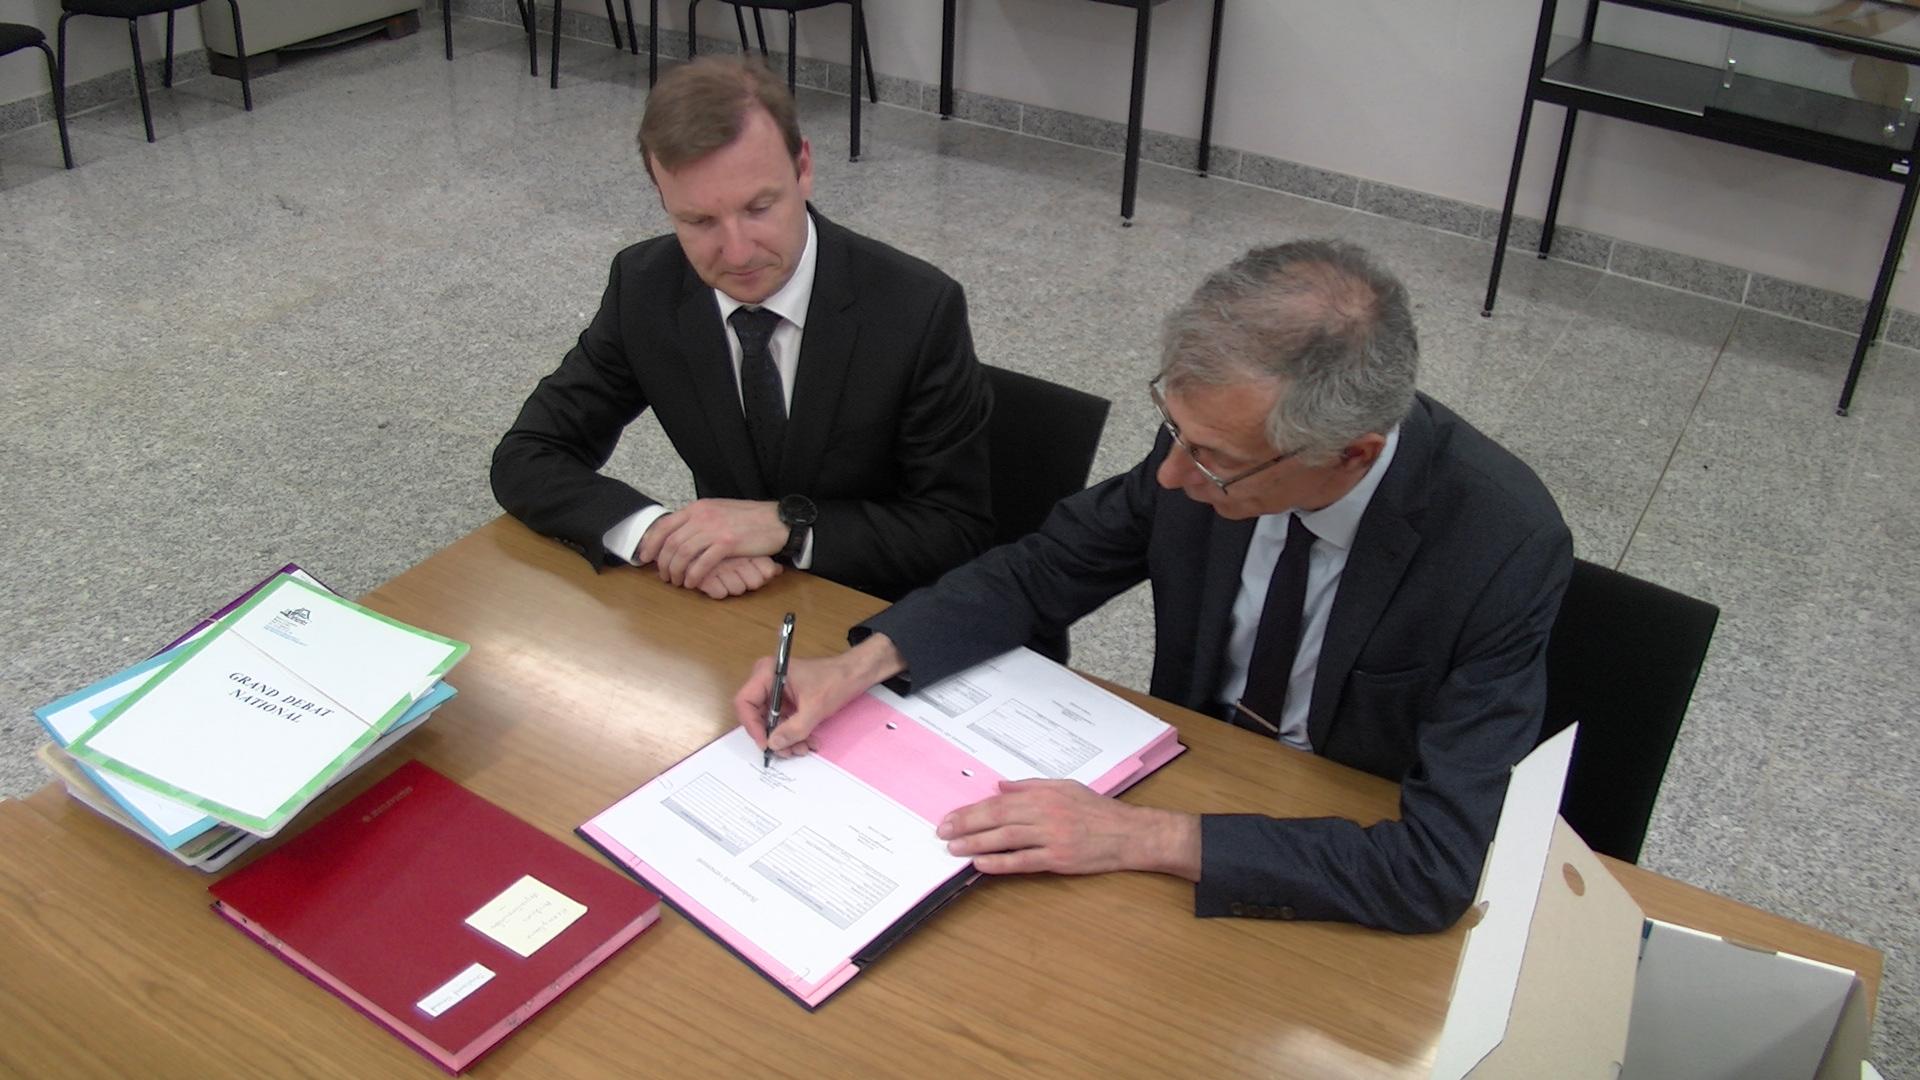 Frédéric Lavigne (à gauche) et Dominique Devaux ont signé mercredi le bordereau de versement aux archives de la Haute-Corse des 51 cahiers citoyens.